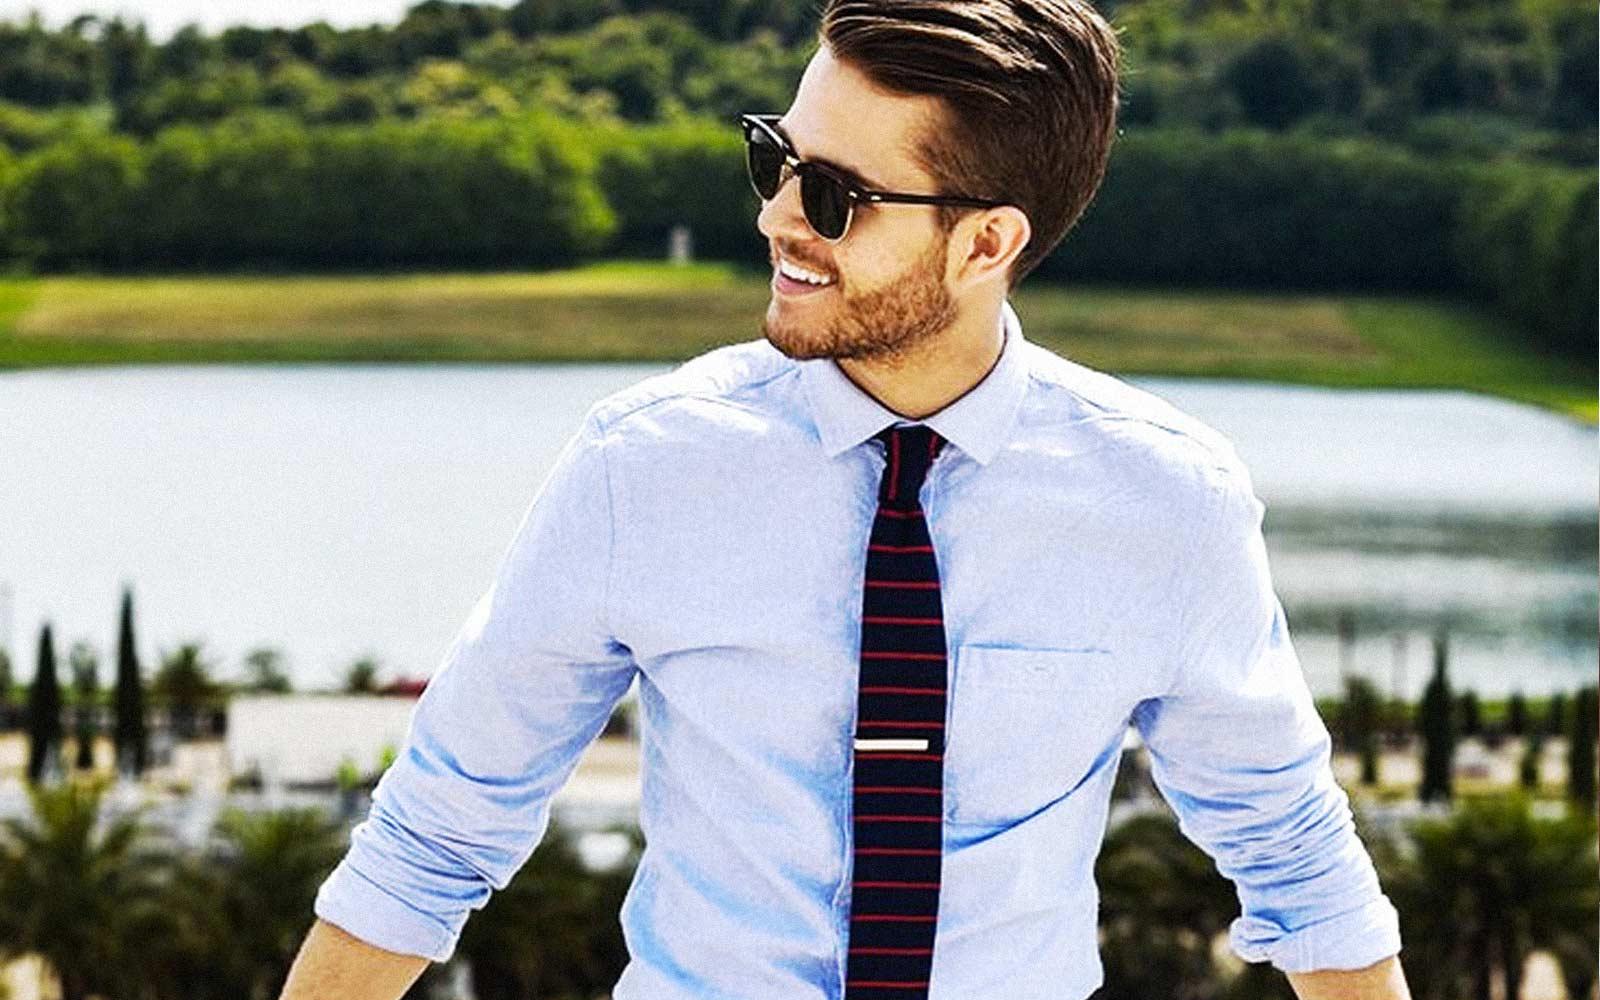 5 phụ kiện thời trang nam cơ bản đi cùng đồ Suit1